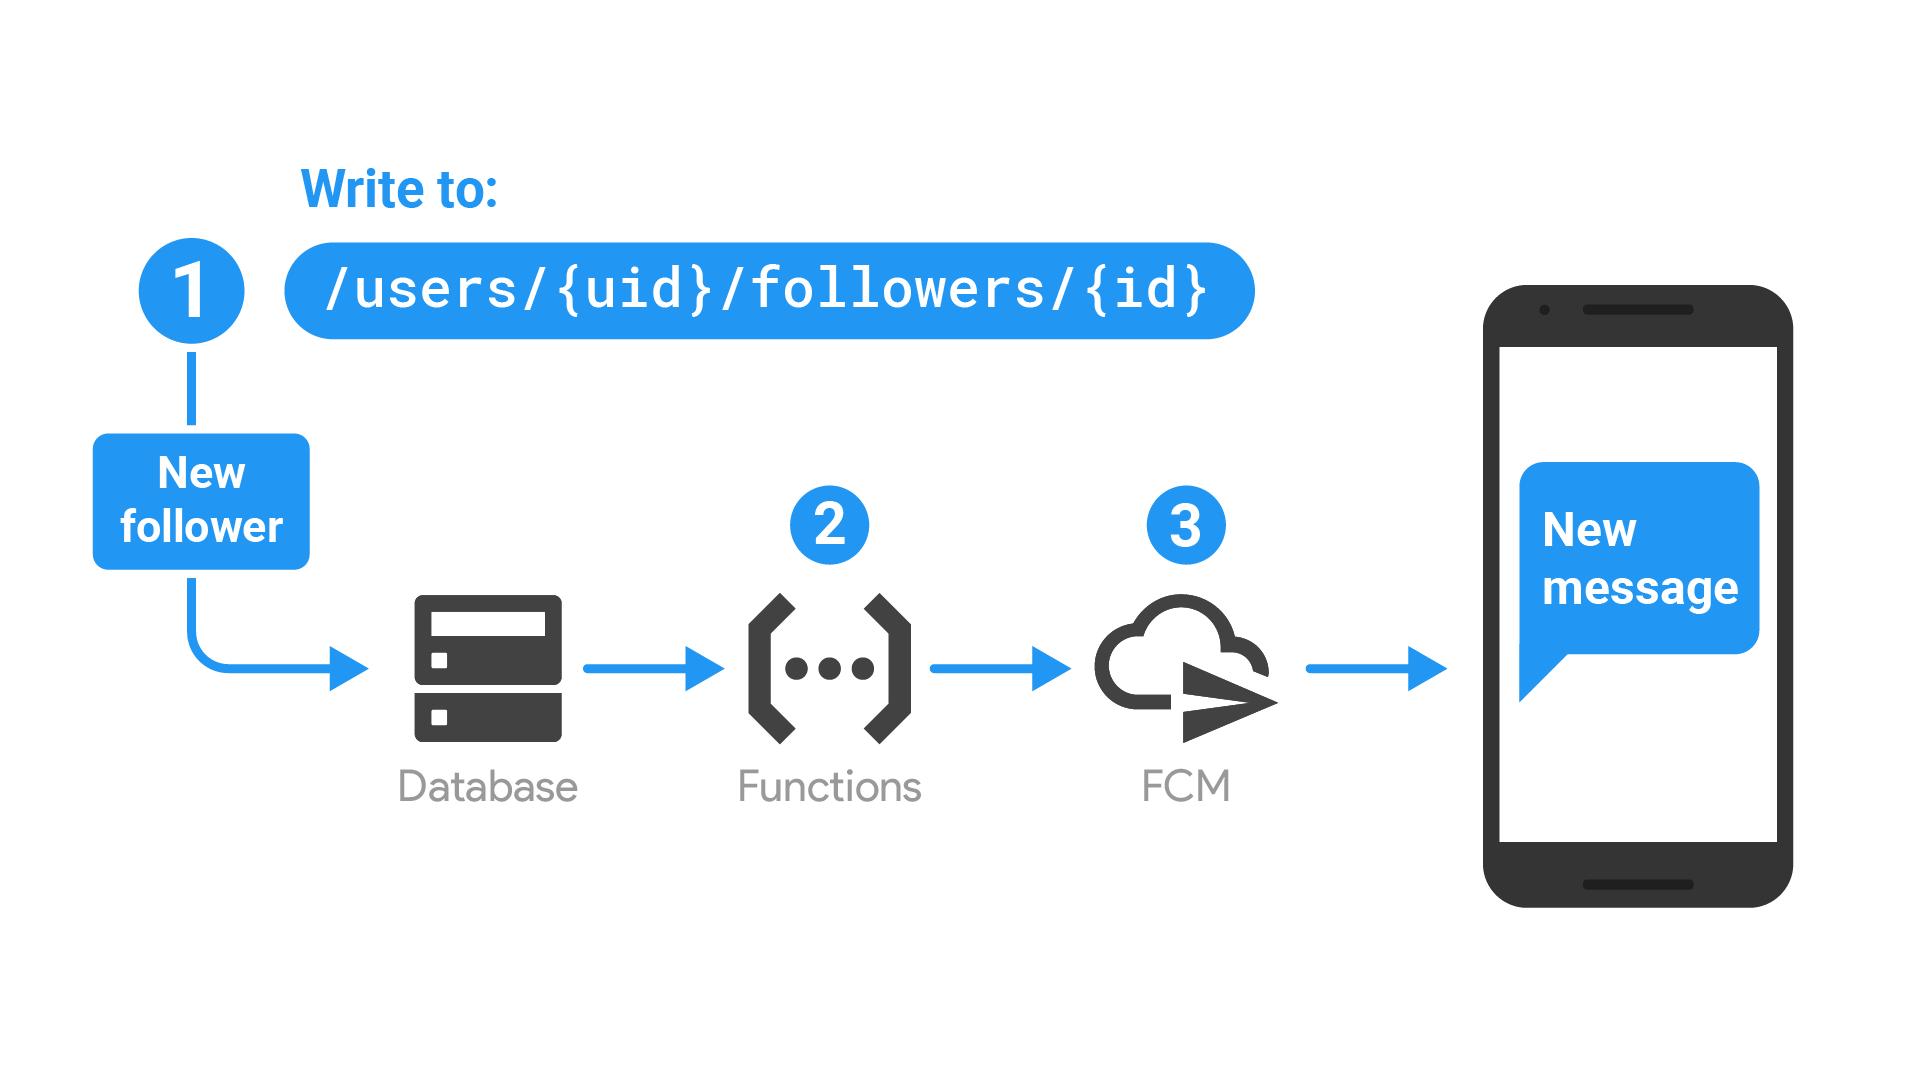 以下で説明するアプリフローを示す図